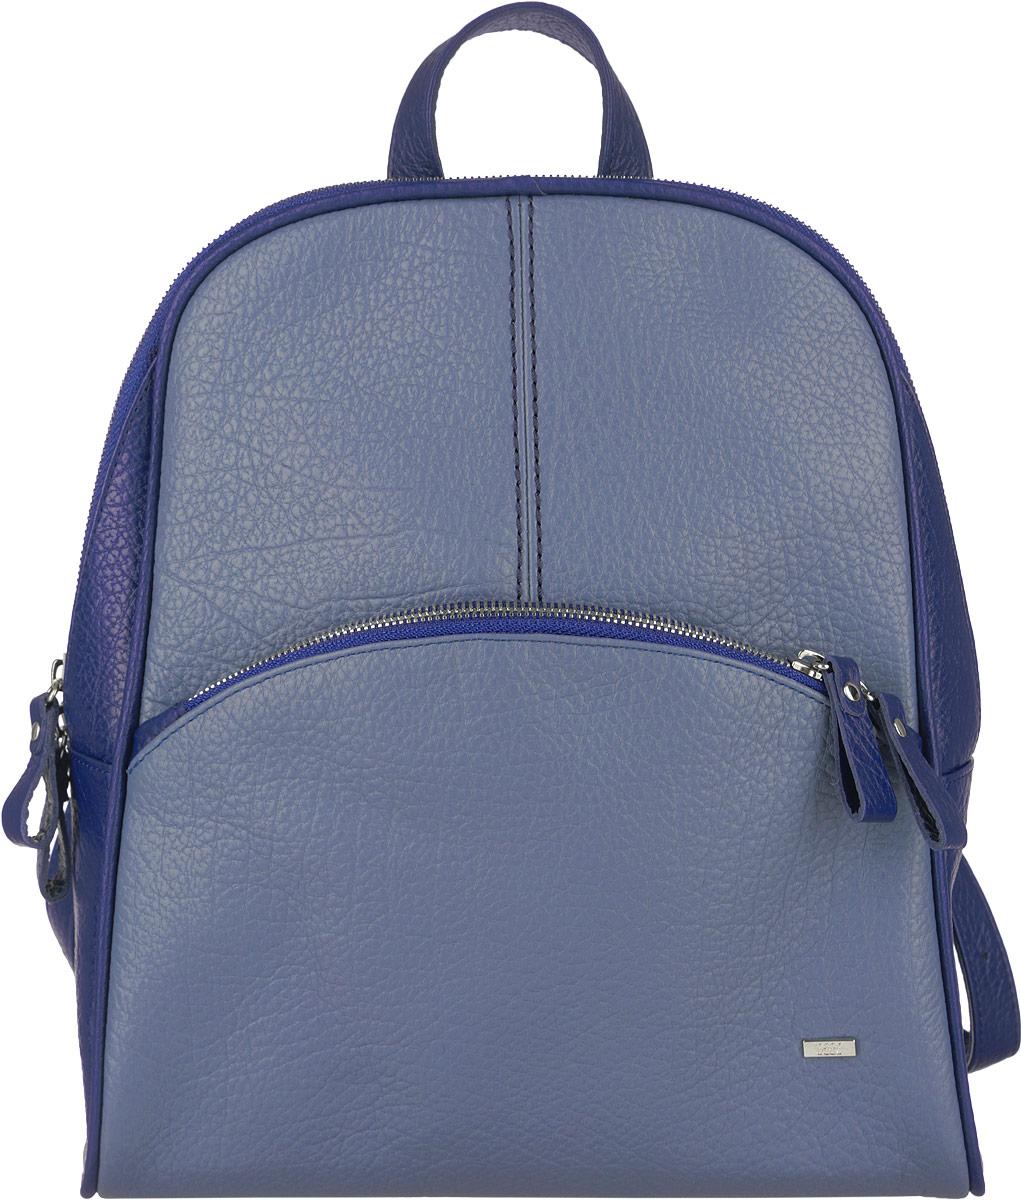 Рюкзак женский Esse Бритни, цвет: синий, голубой. GBYM2U-00ML13-FG409T-K100GBYM2U-00ML13-FG409T-K100Стильный женский рюкзак Esse Бритни выполнен из натуральной кожи и оформлен металлическим значком логотипа бренда. Модель предназначена для представительниц прекрасного пола, ведущих активный образ жизни. Изделие имеет одно основное отделение и застегивается на металлическую застежку-молнию с двумя бегунками. Внутри содержит прорезной карман на застежке-молнии и накладной открытый карман. Снаружи, на лицевой стороне изделия, расположен прорезной вместительный карман на застежке-молнии. Рюкзак оснащен удобными лямками регулируемой длины и петлей для подвешивания, которая также может служить ручкой для переноски в руке. Прилагается текстильный фирменный чехол для хранения. Оригинальный аксессуар позволит вам завершить образ и быть неотразимой.